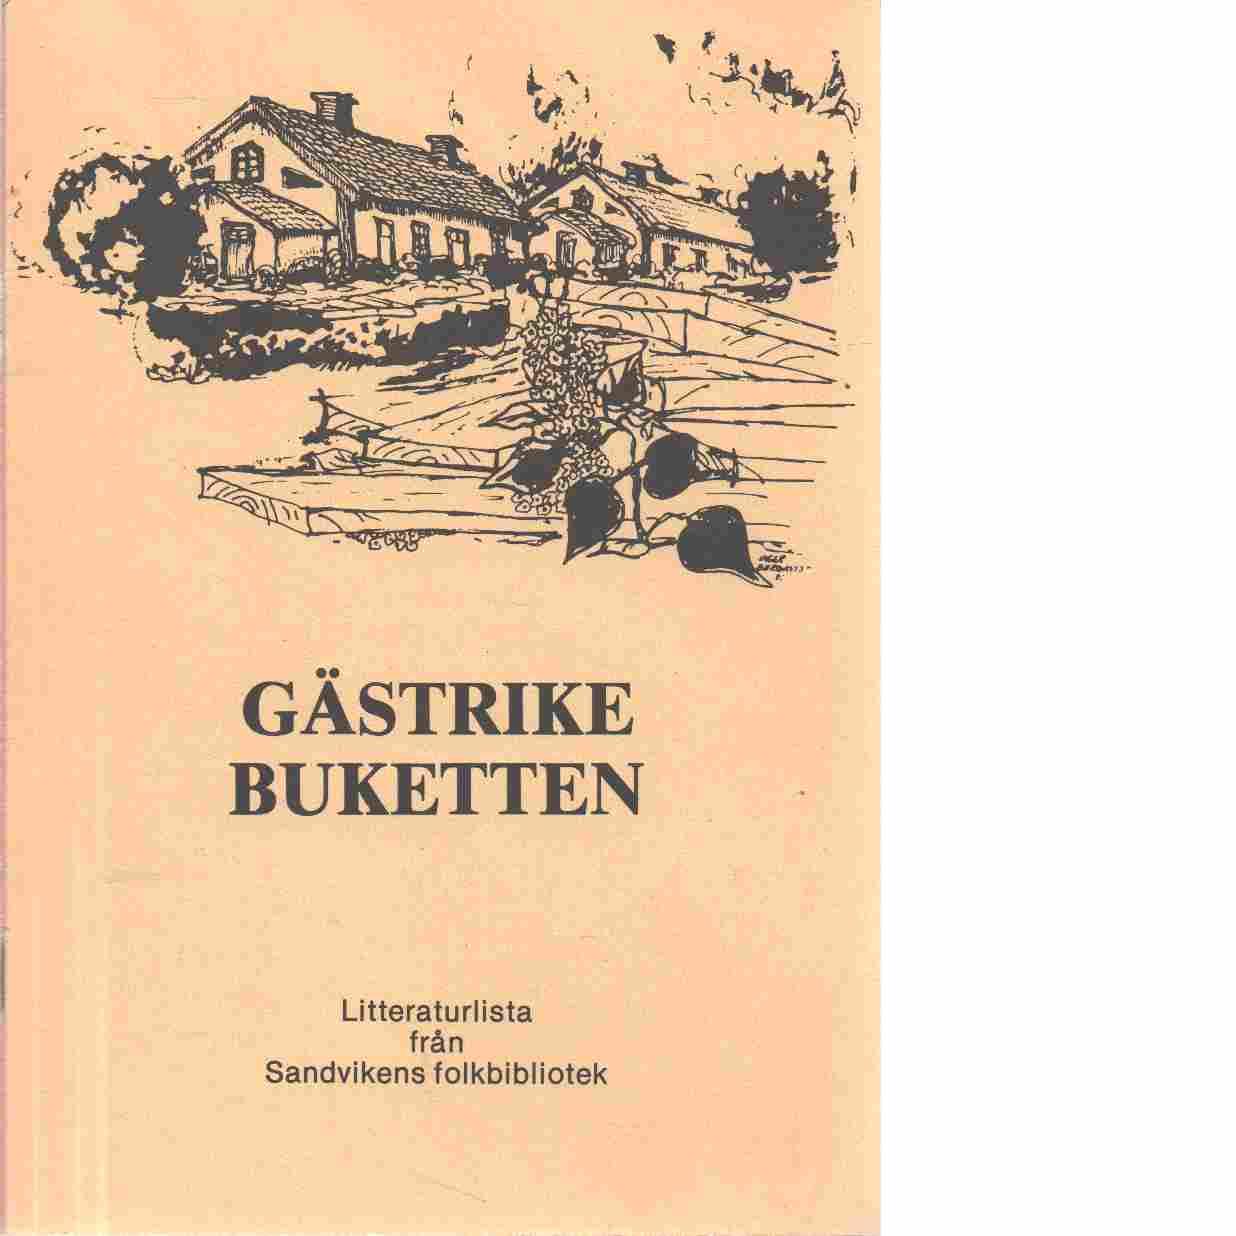 Gästrike buketten : litteraturlista från Sandvikens folkbibliotek - Red.